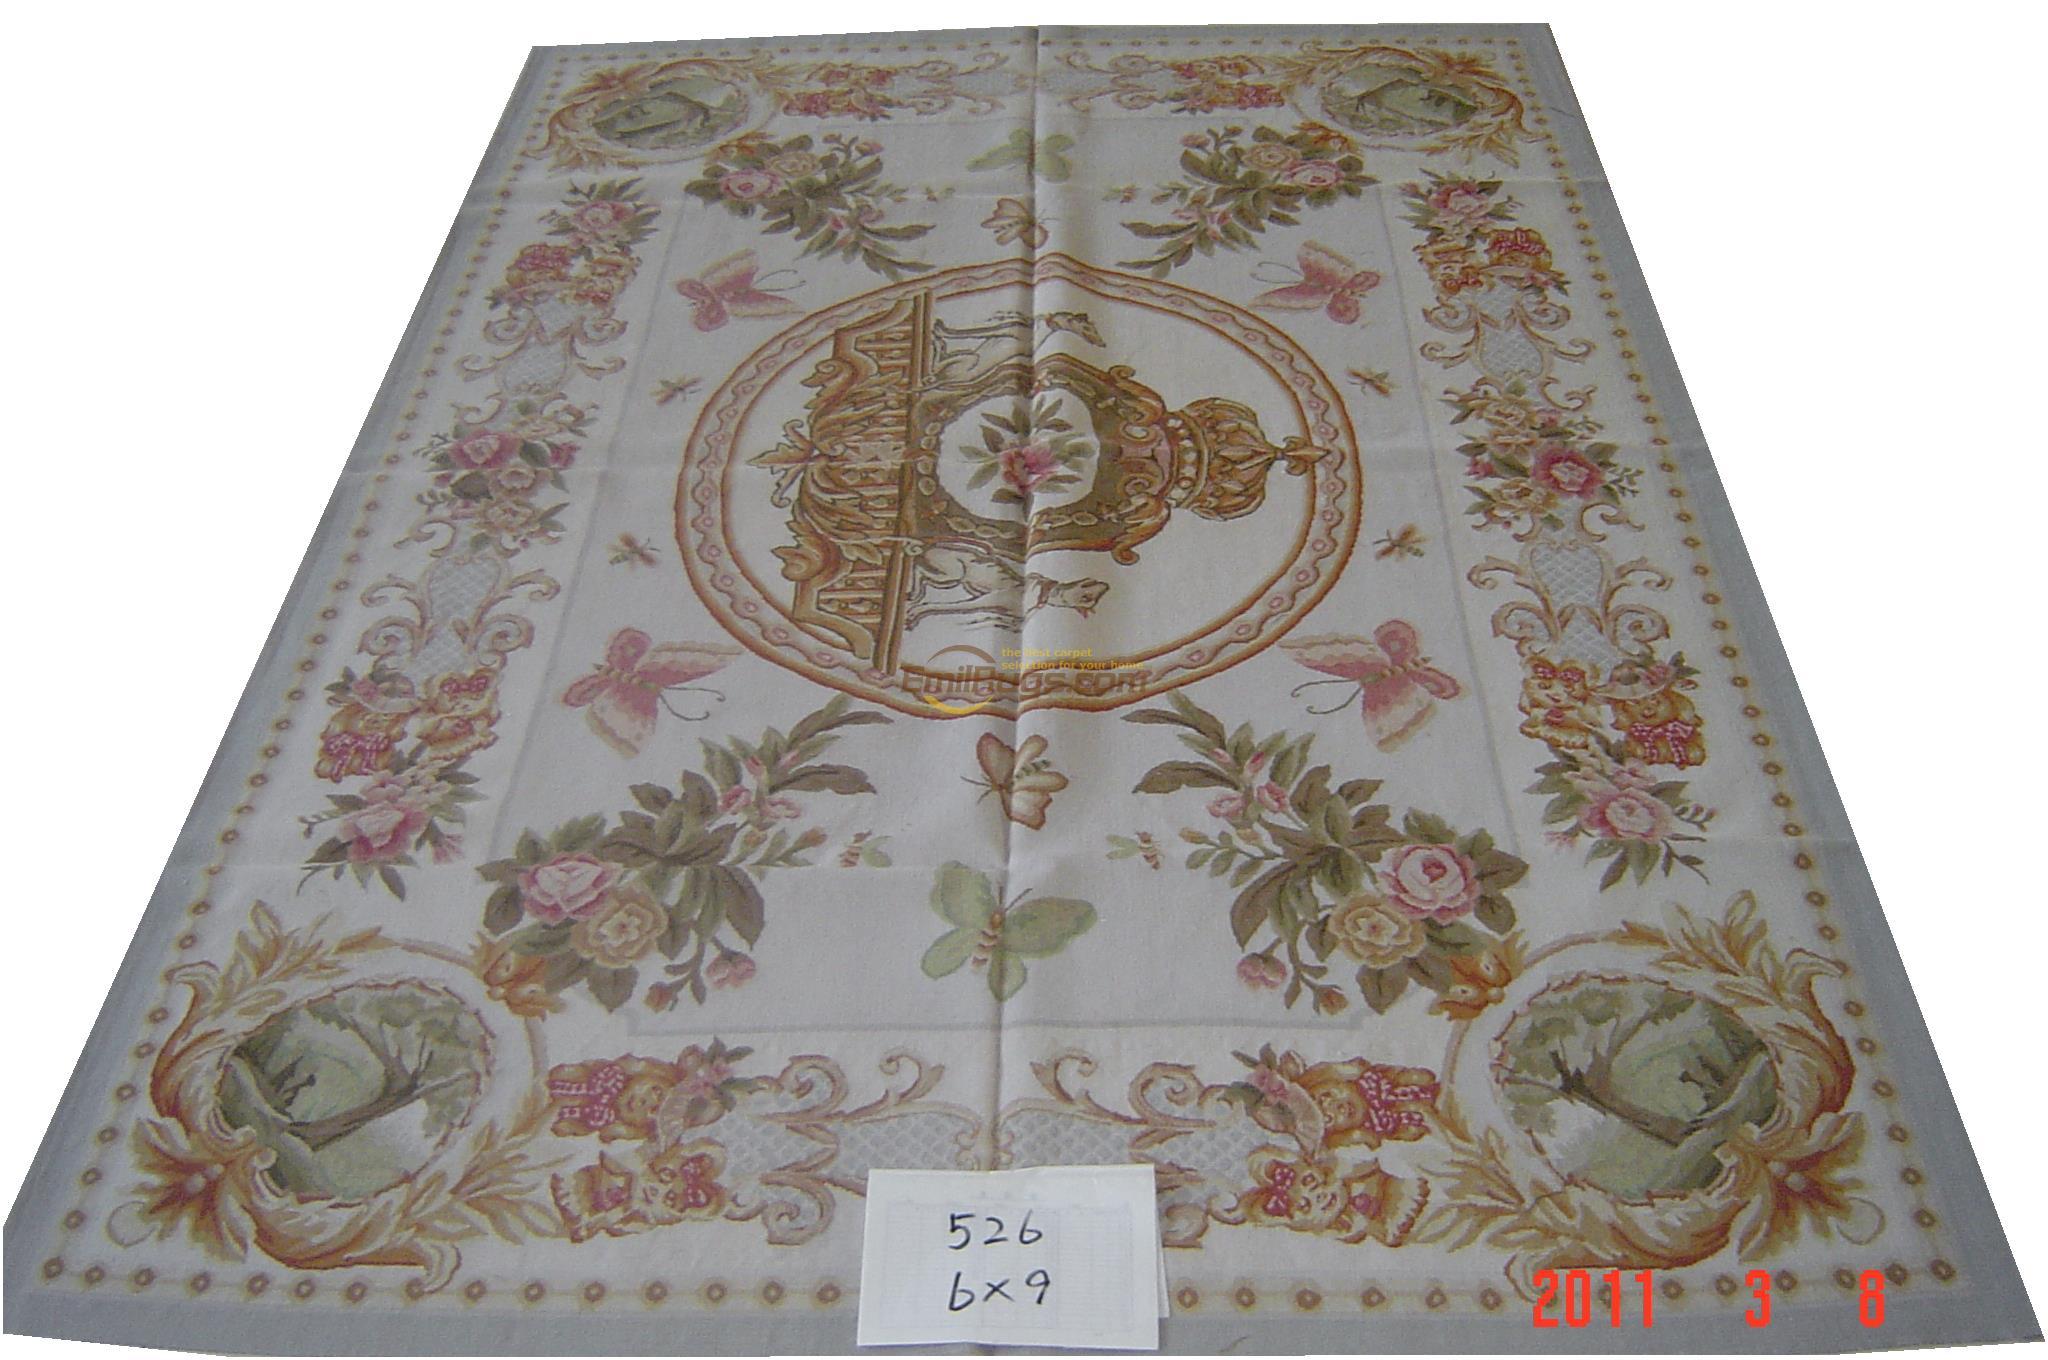 Alfombras de lana tejidas a mano para sala de estar, alfombra cuadrada, alfombra Aubusson, alfombras tejidas de lana